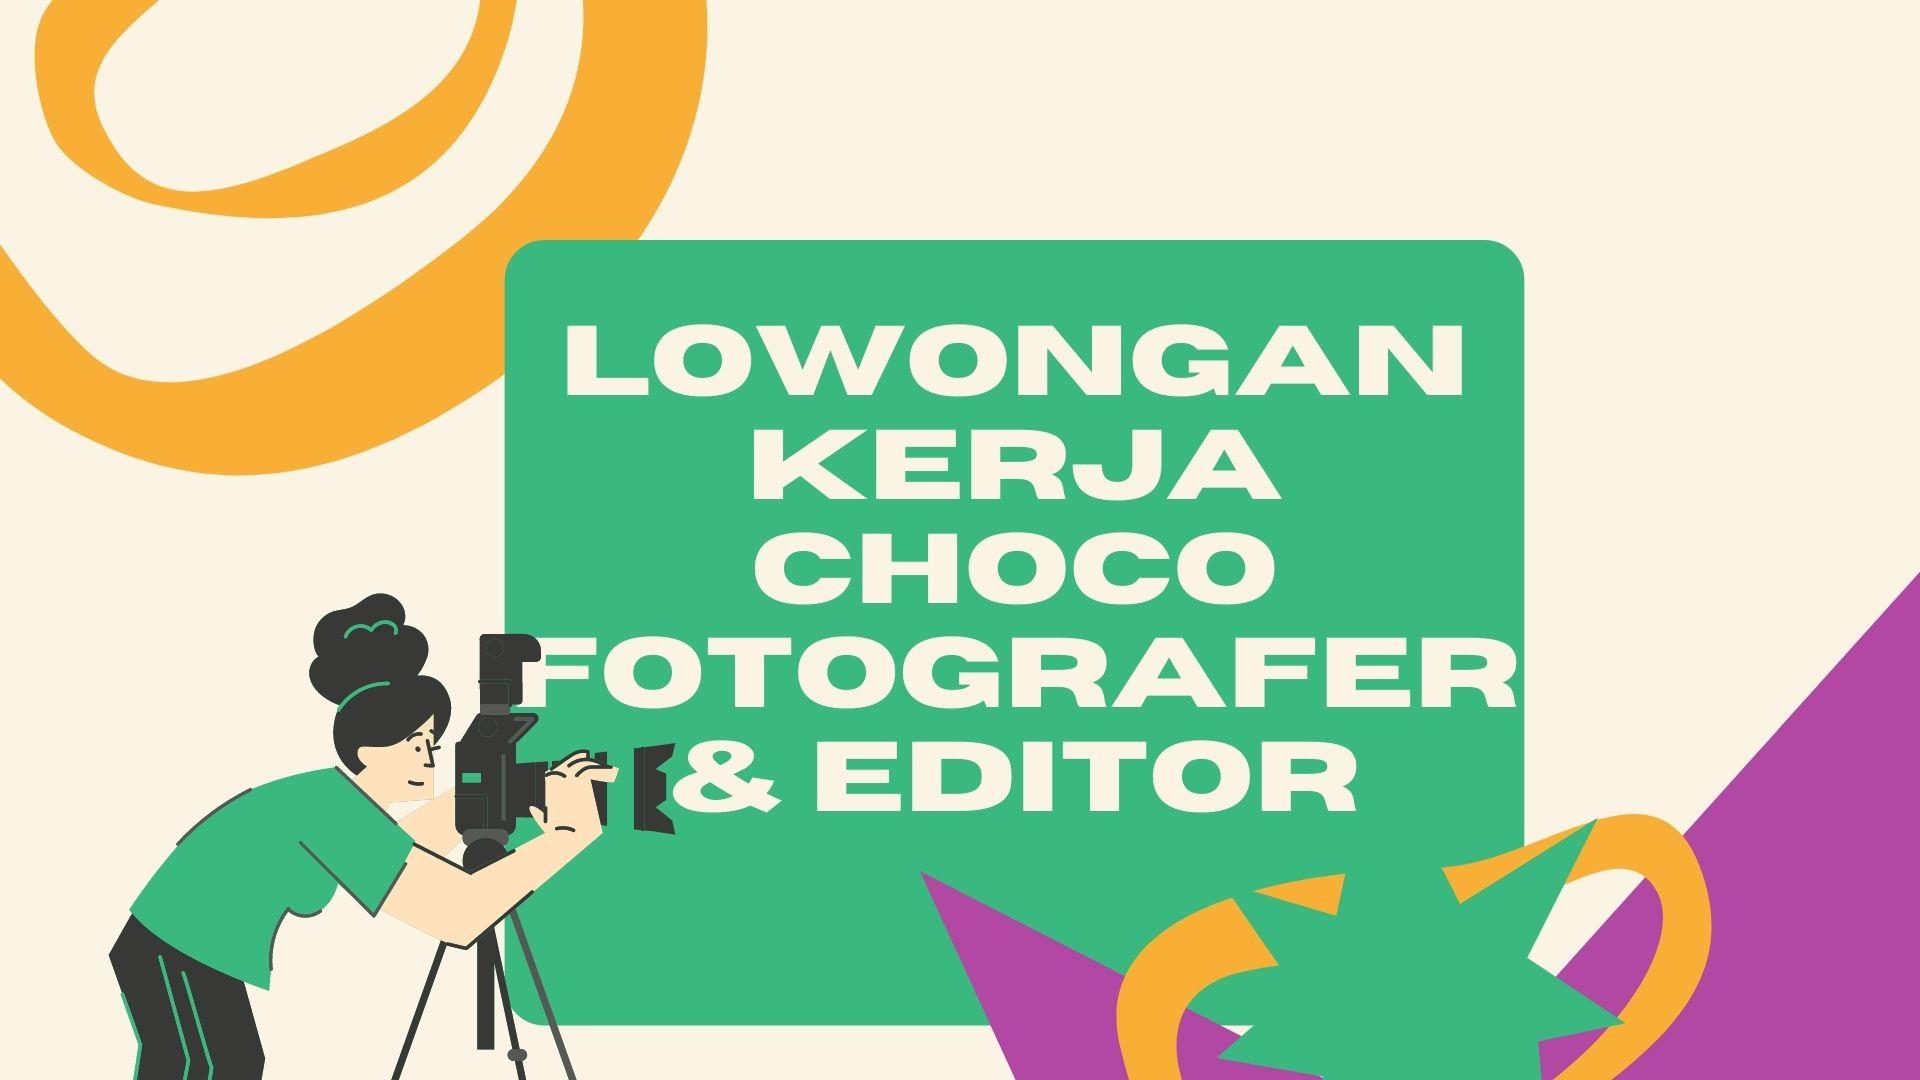 Lowongan  Kerja Chocho Picture Fotografer dan Editor